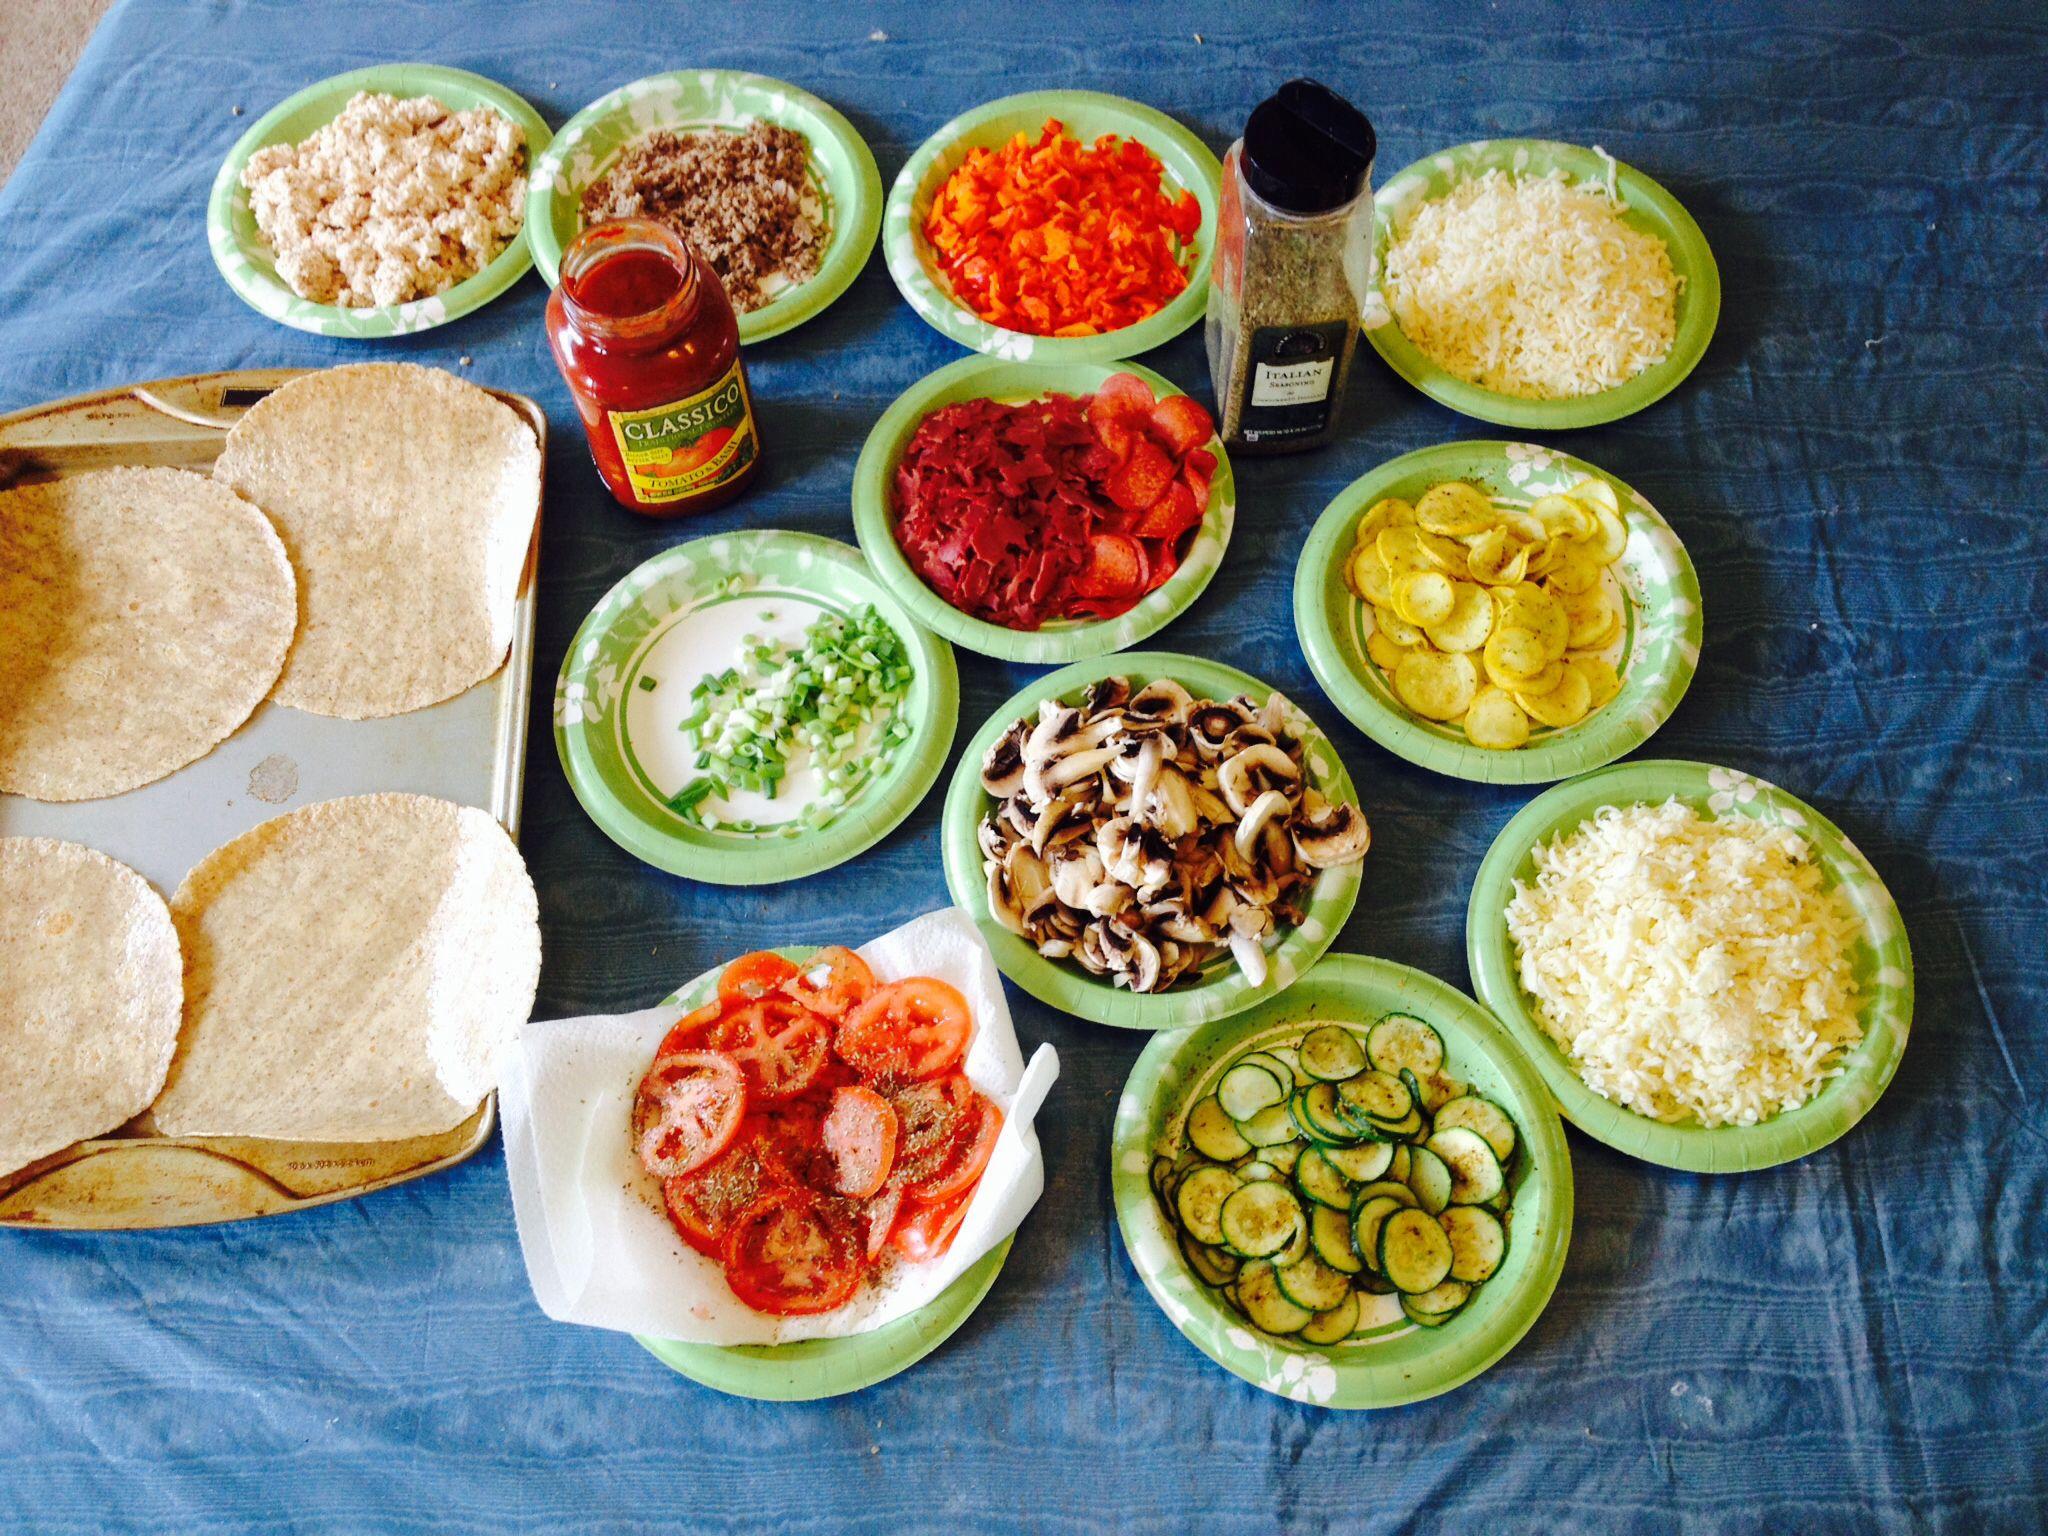 Tortilla Pizza Preparation THM -S- I will stuff the crust like Meadow